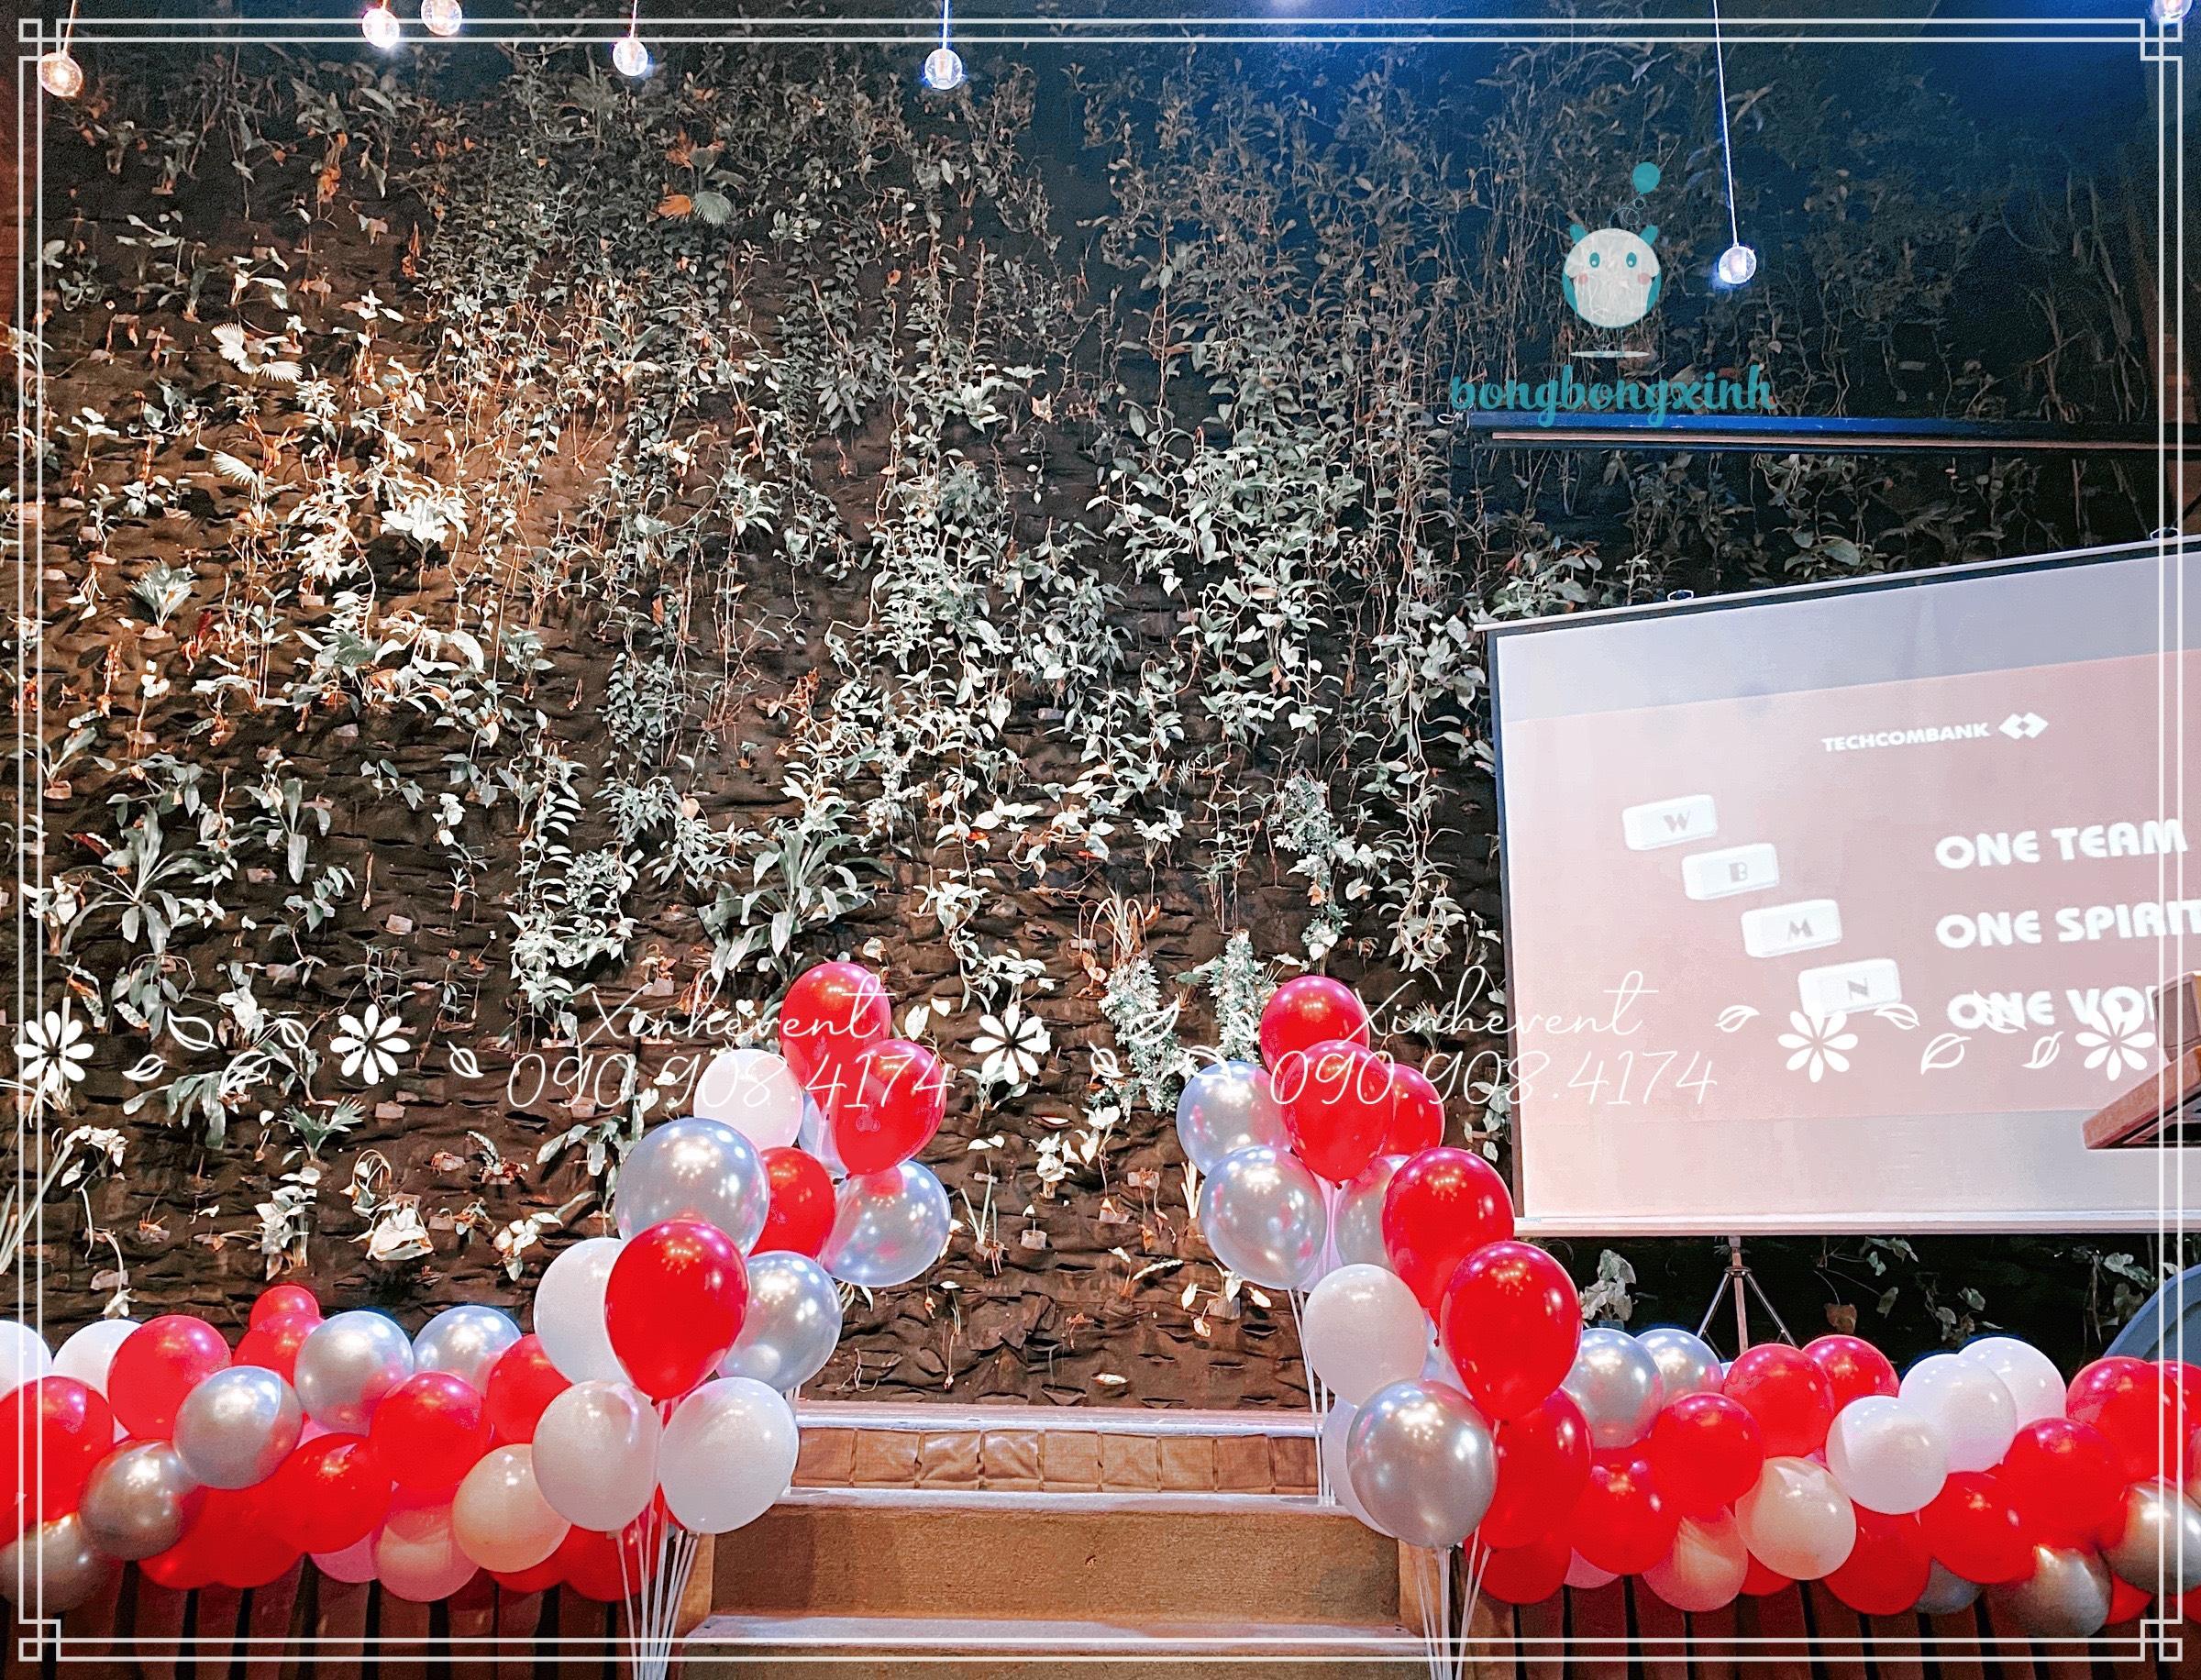 Trang trí sự kiện ngân hàng Techcombank với lối vào sân khấu sinh động